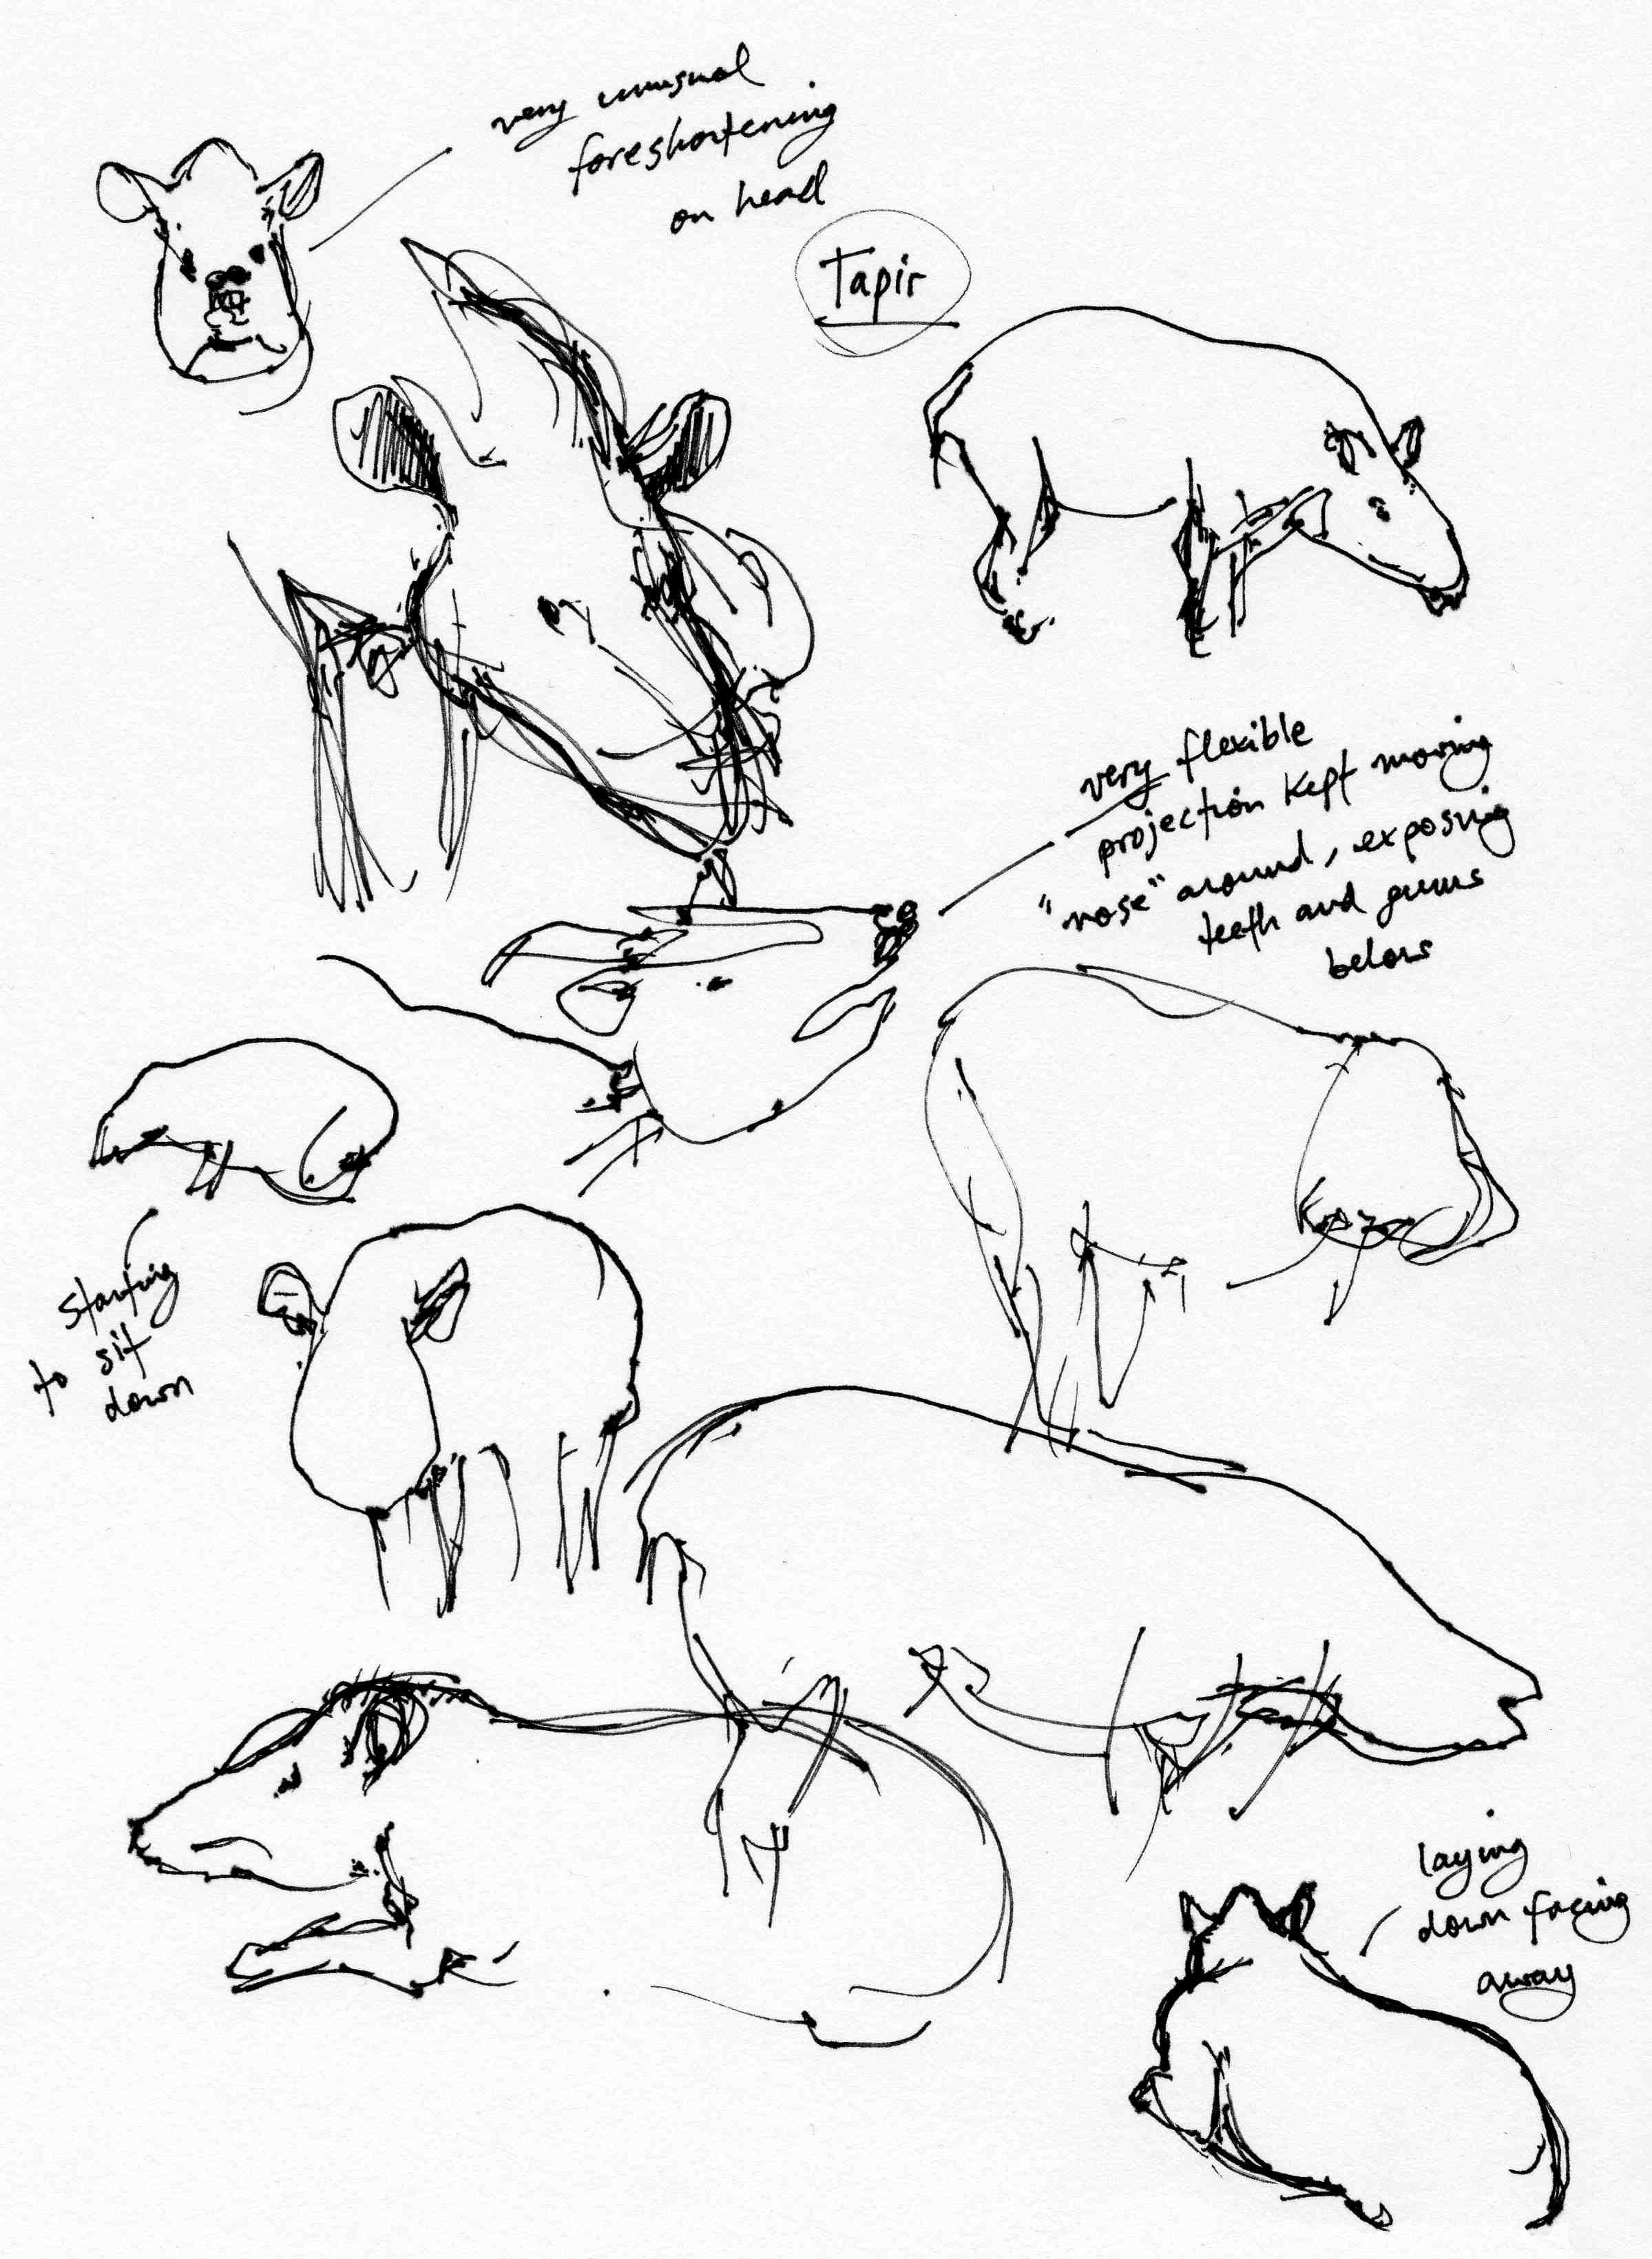 Tapir Studies